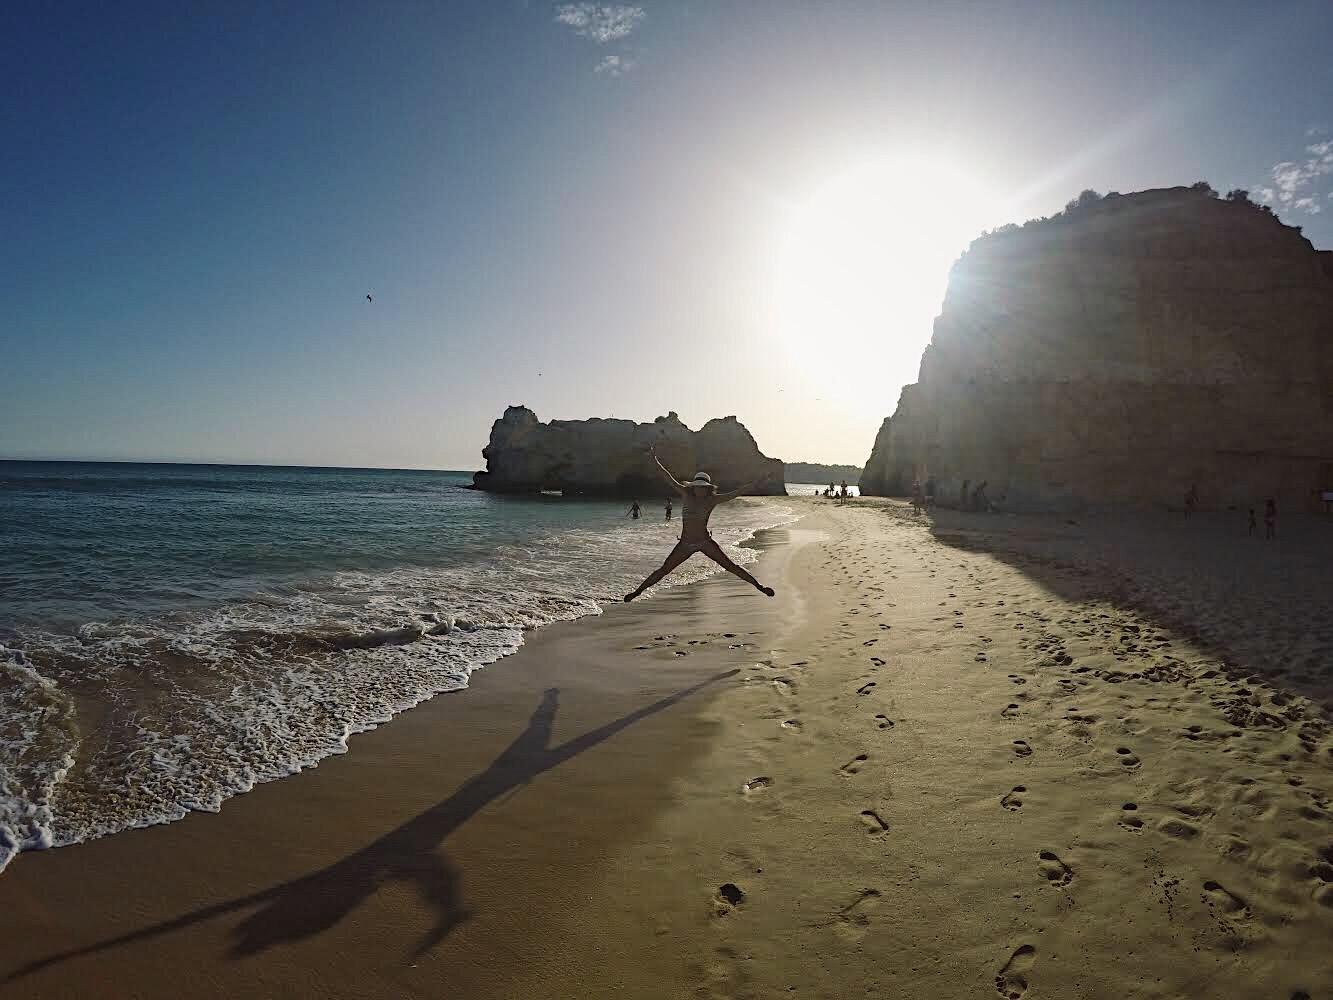 praiaPorto de Mos Portugal Lolanoviajasola